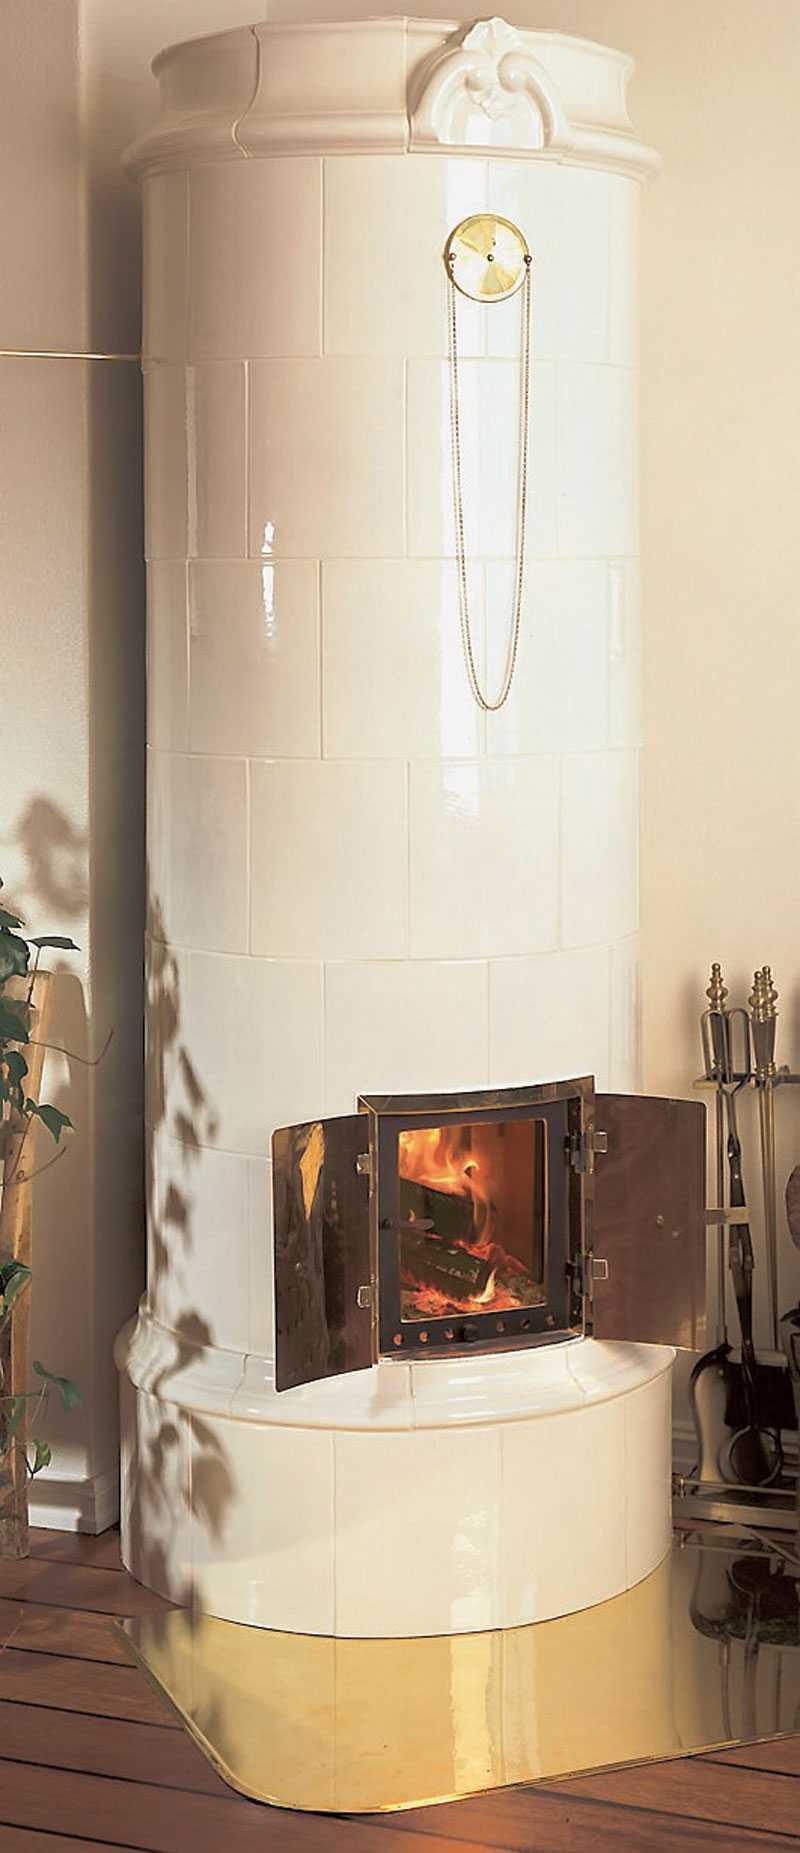 Siri 901. Med tung och värmelagrande kärna av gjuten olivin. Pris: 38900 kr. www.nibefire.eu